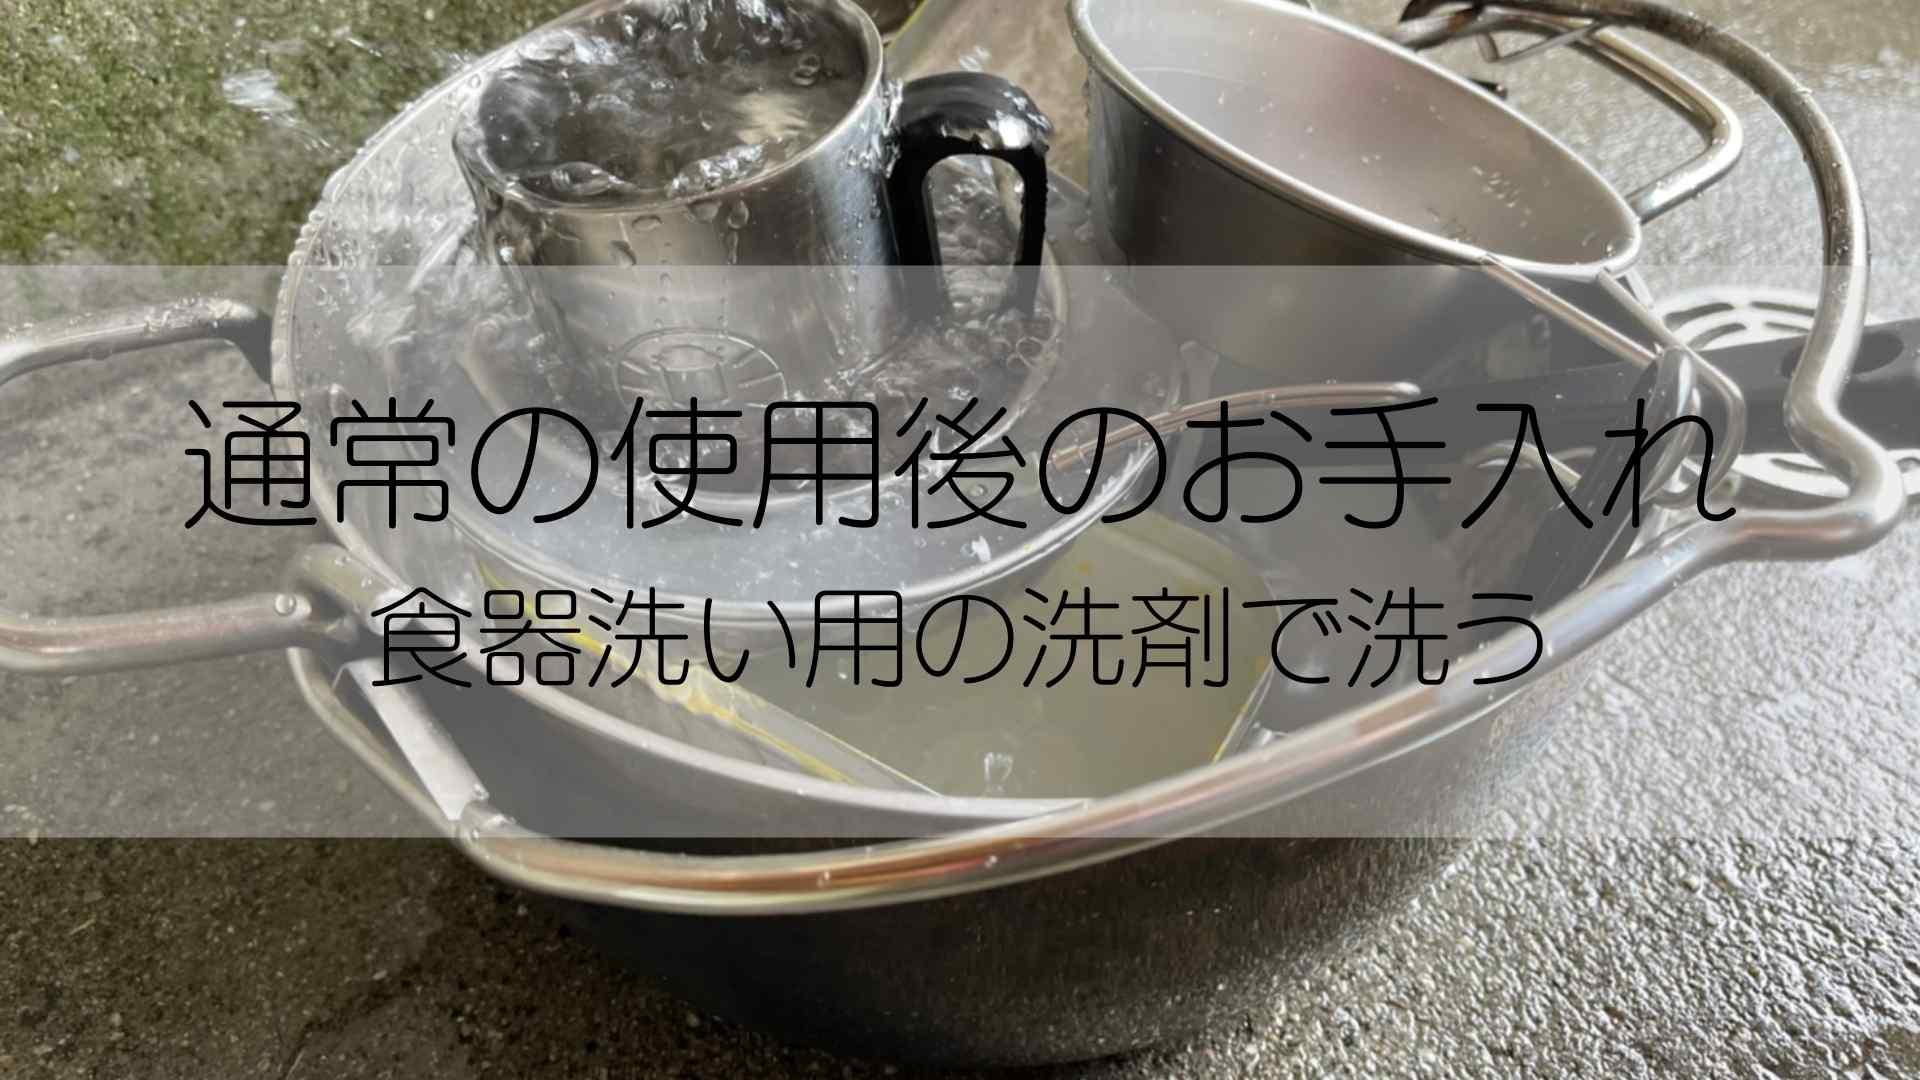 ステンレスダッチオーブンは中性洗剤で洗える